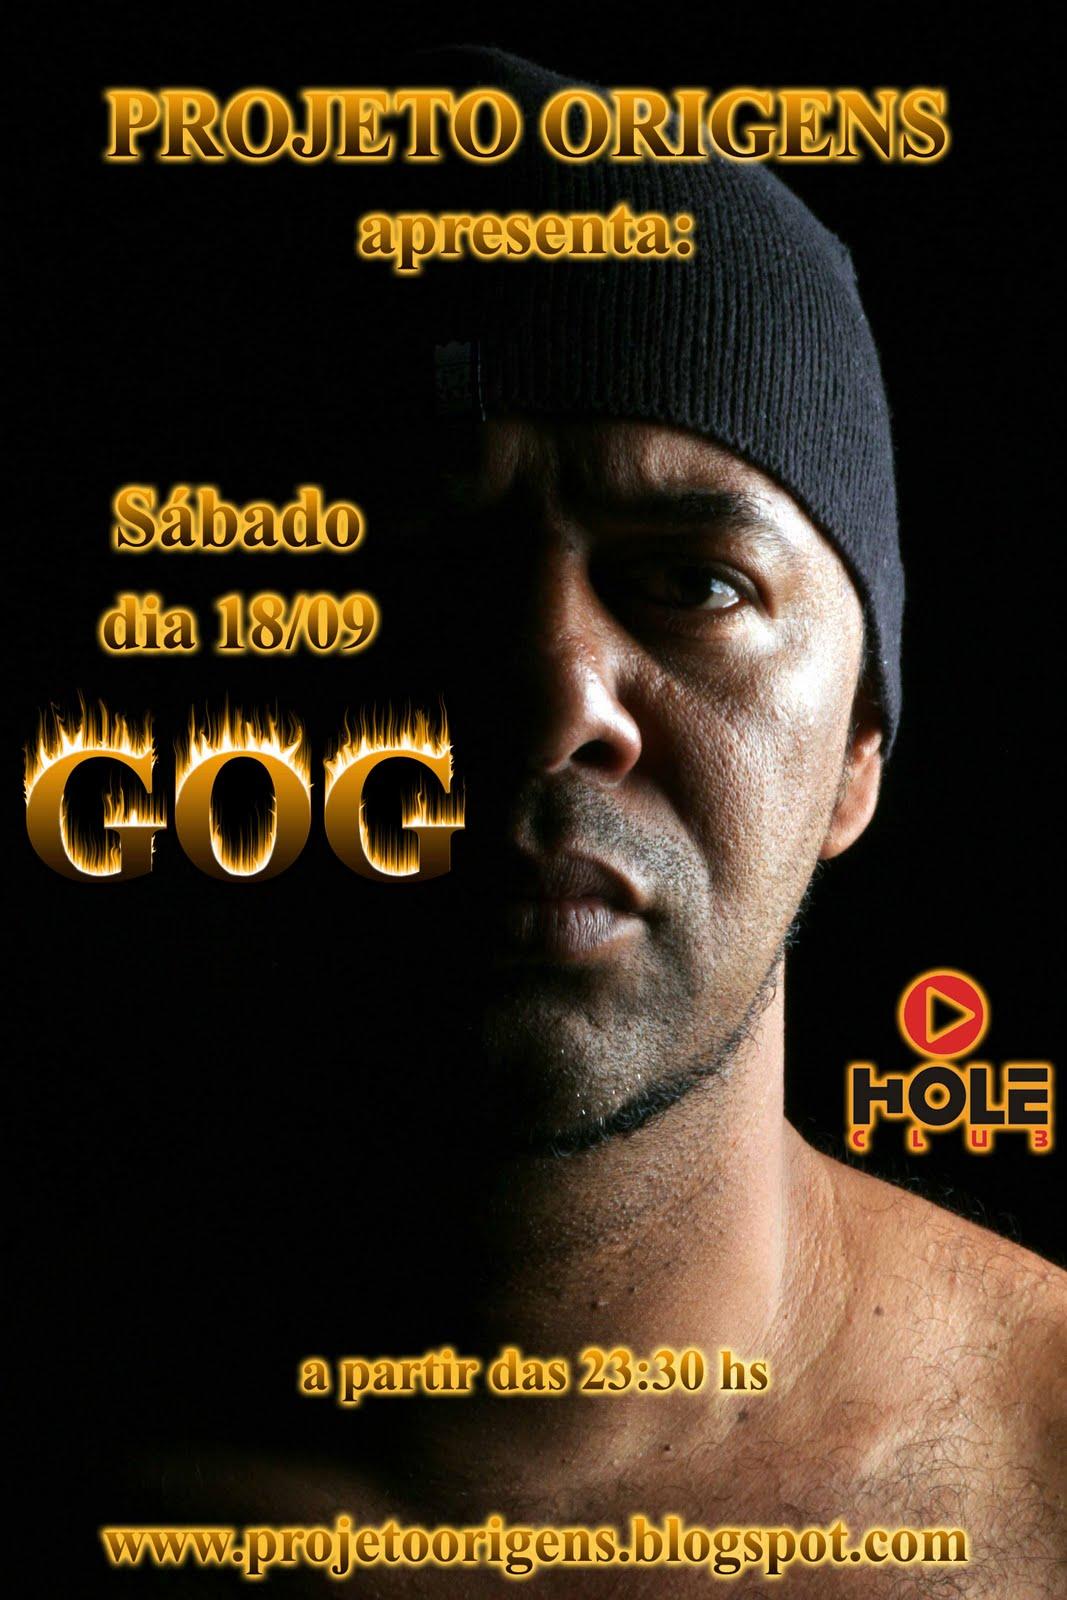 http://3.bp.blogspot.com/_mbCf5q_XD2E/THYSomwoHRI/AAAAAAAAAGQ/sxt0_G4mxpo/s1600/GOG+FRENTE.jpg